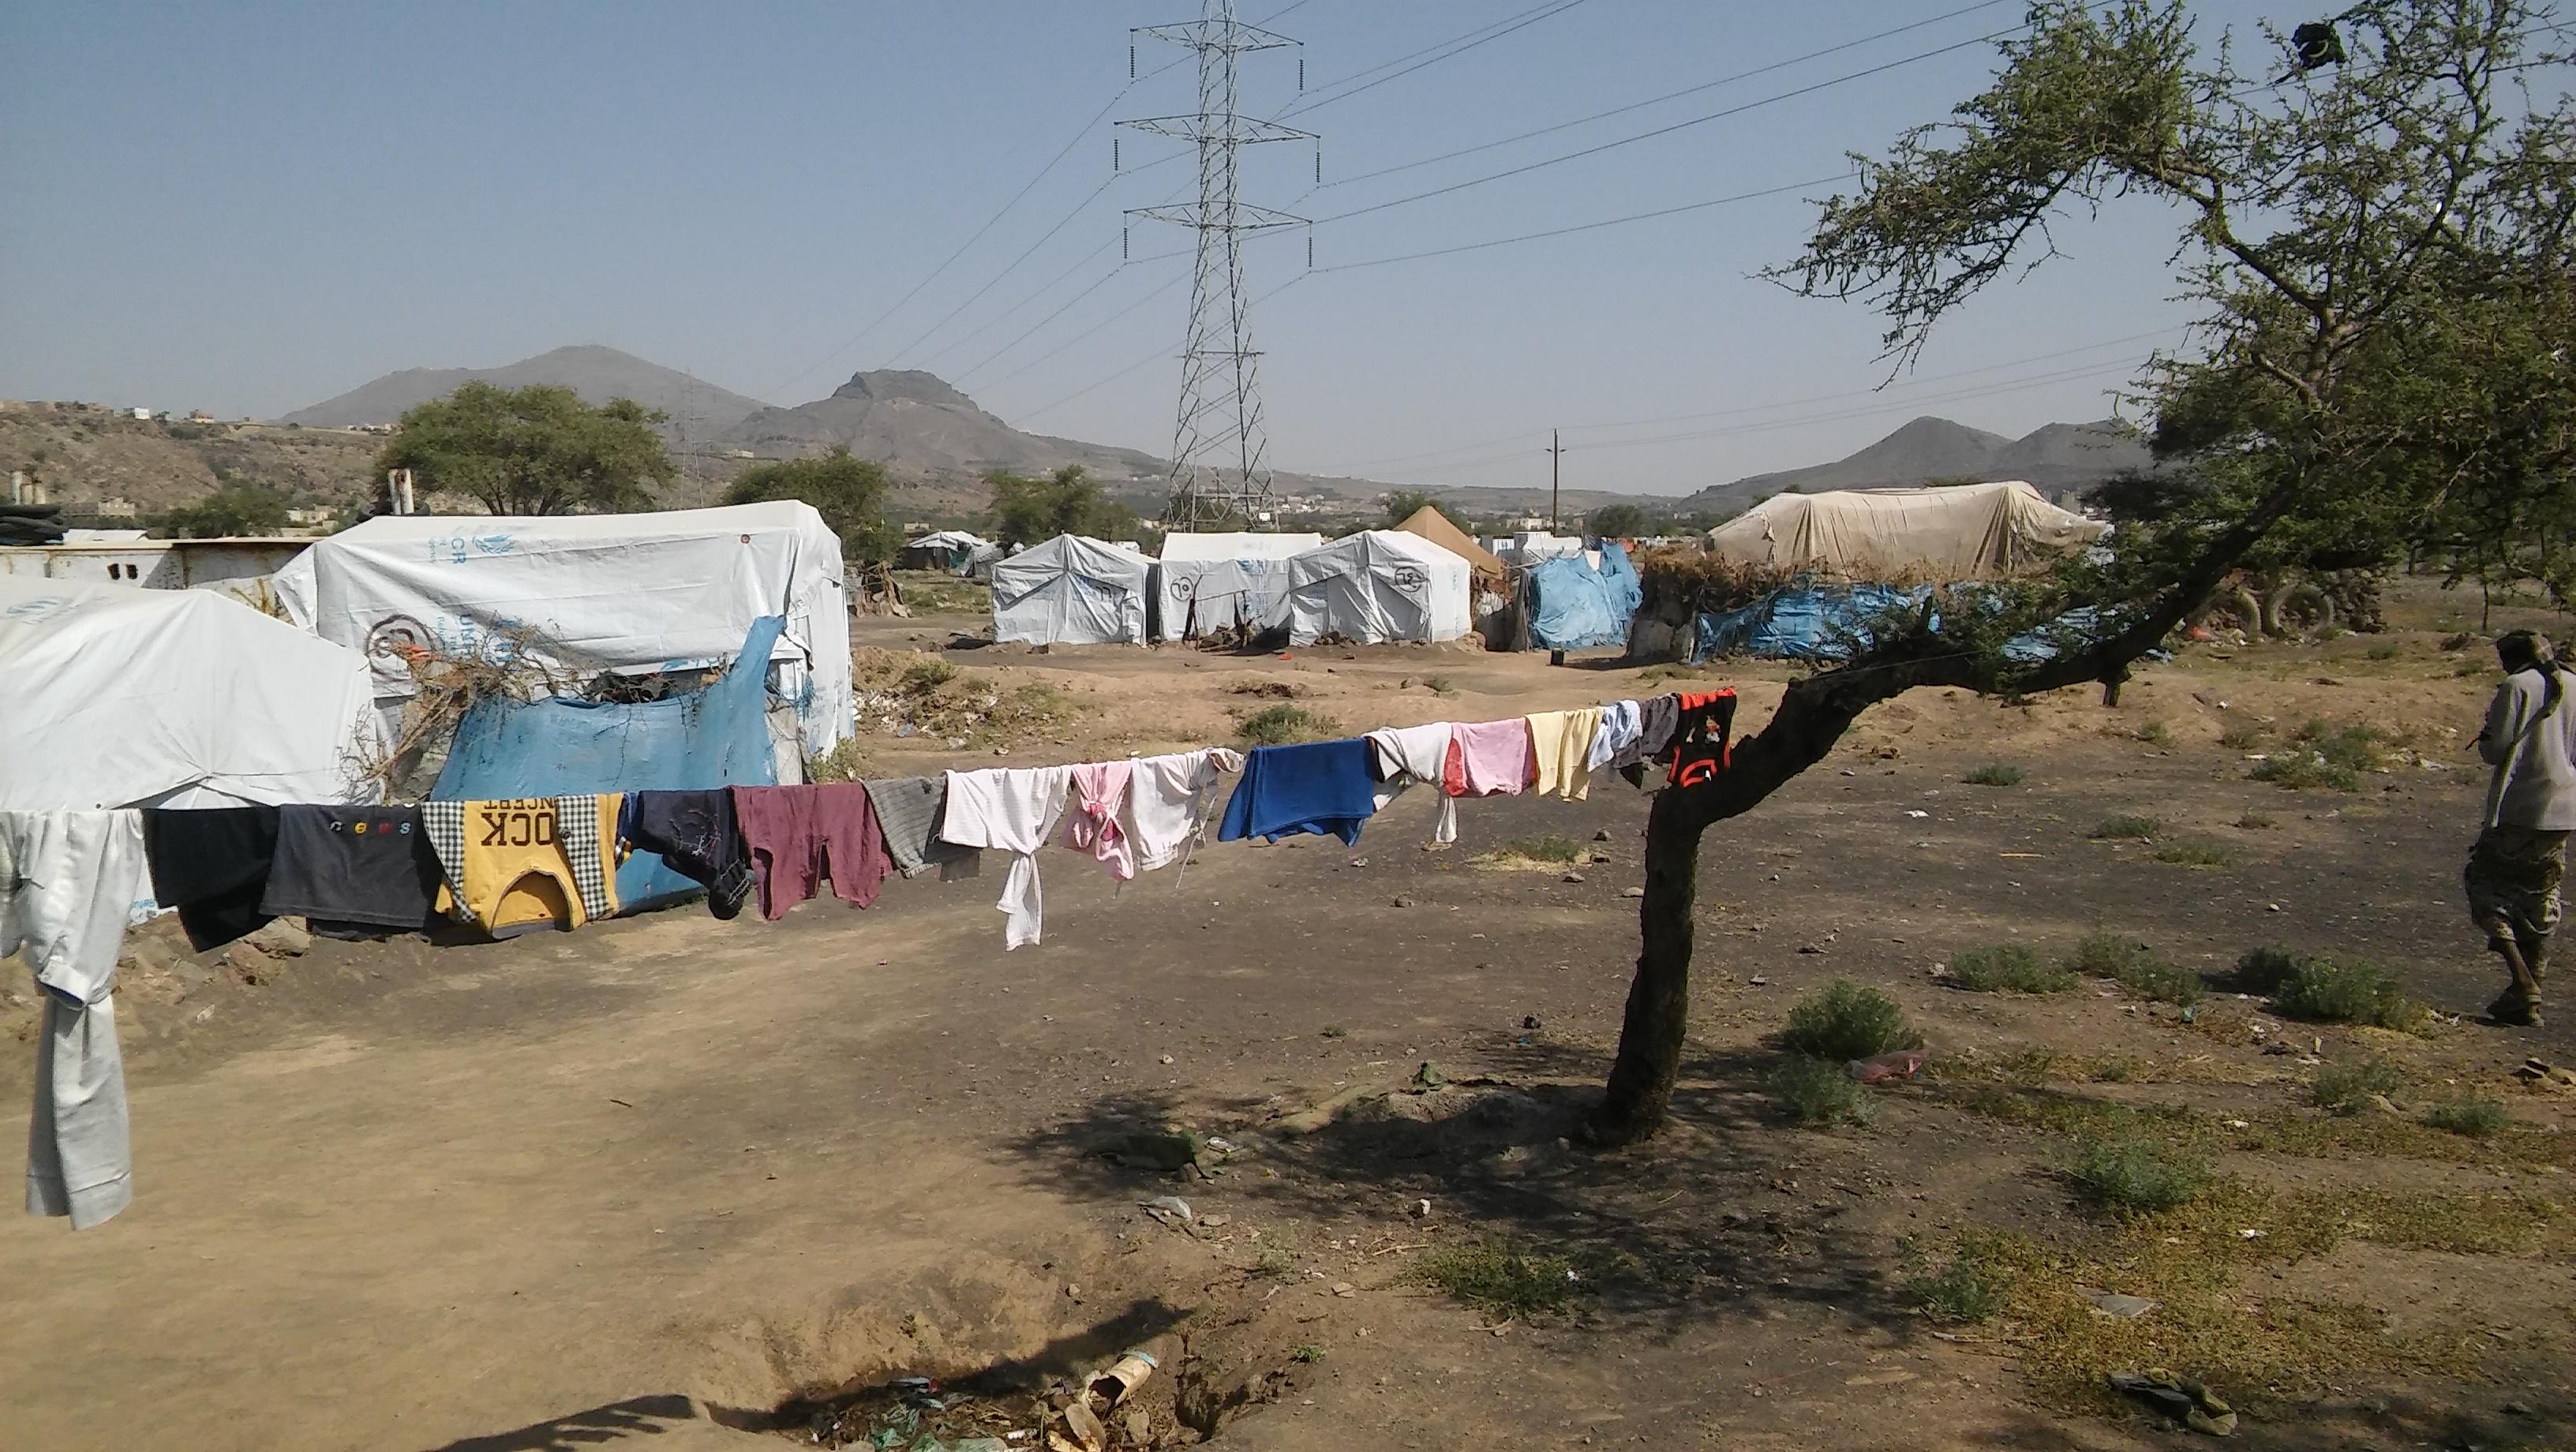 صورة للمخيم